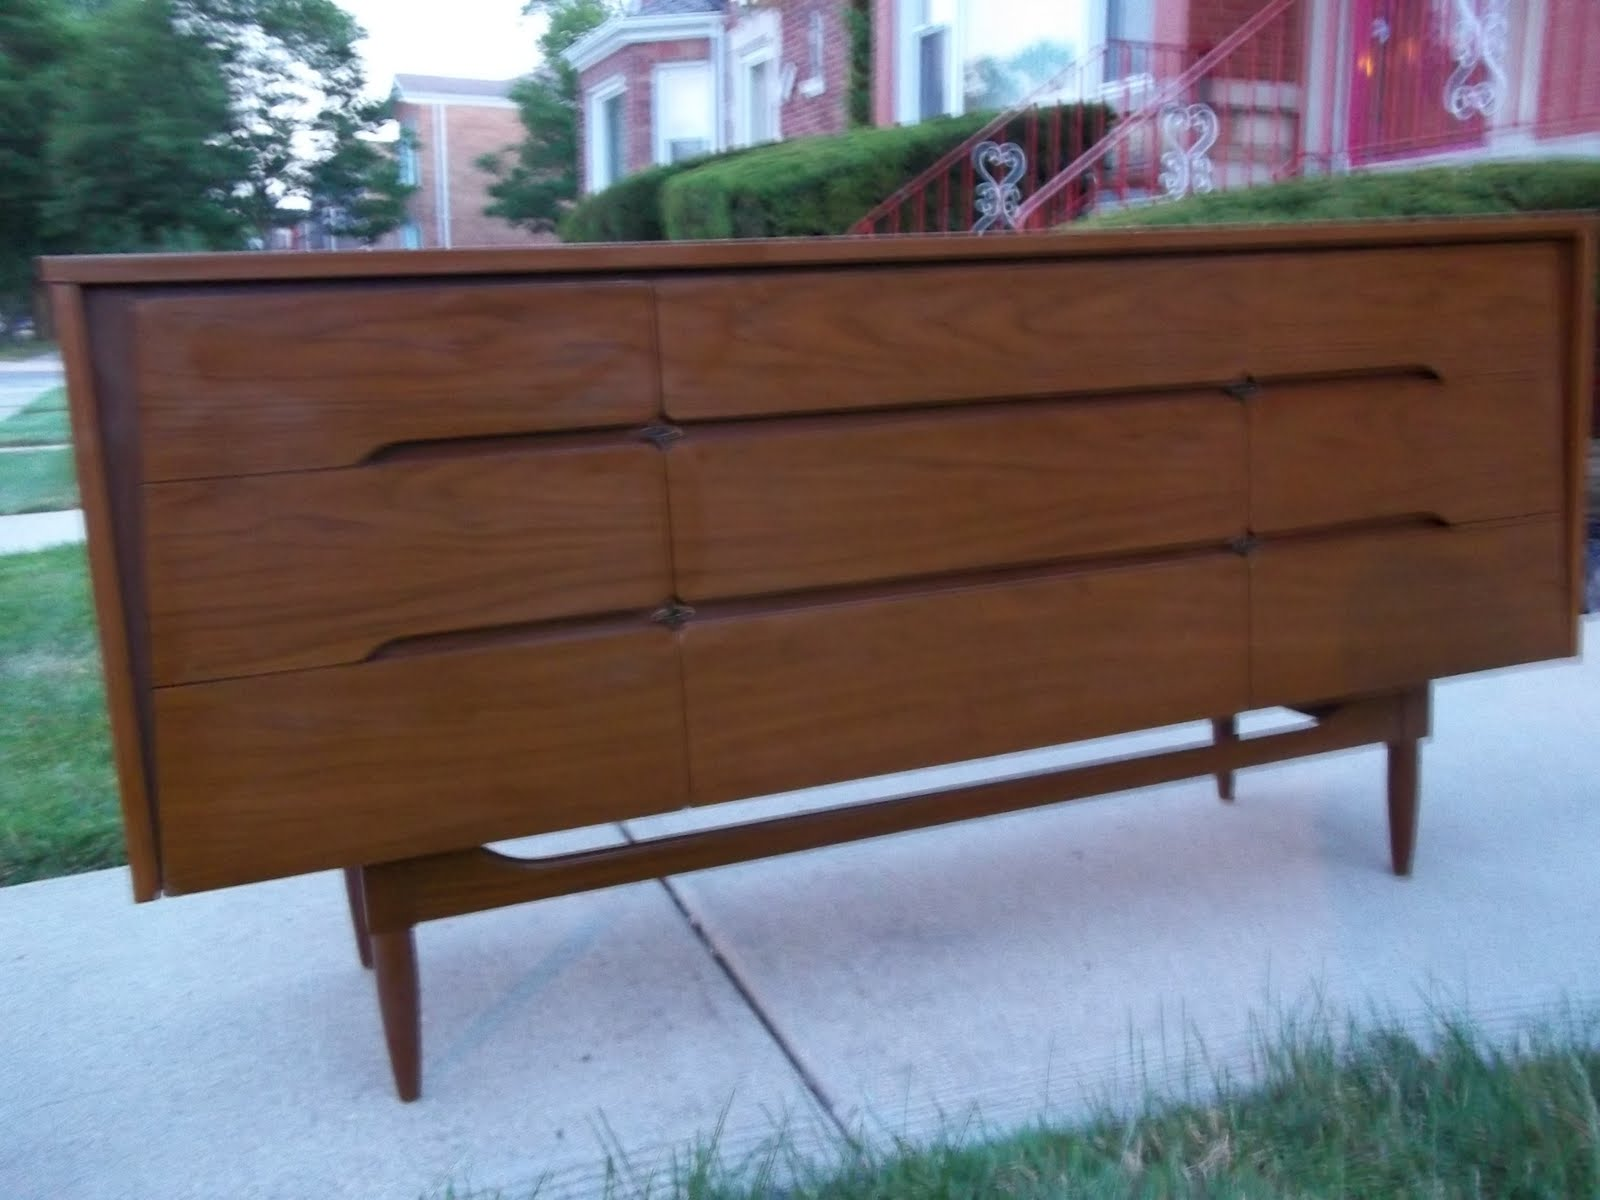 Kroehler Mid Century Modern Credenza Dresser Sold